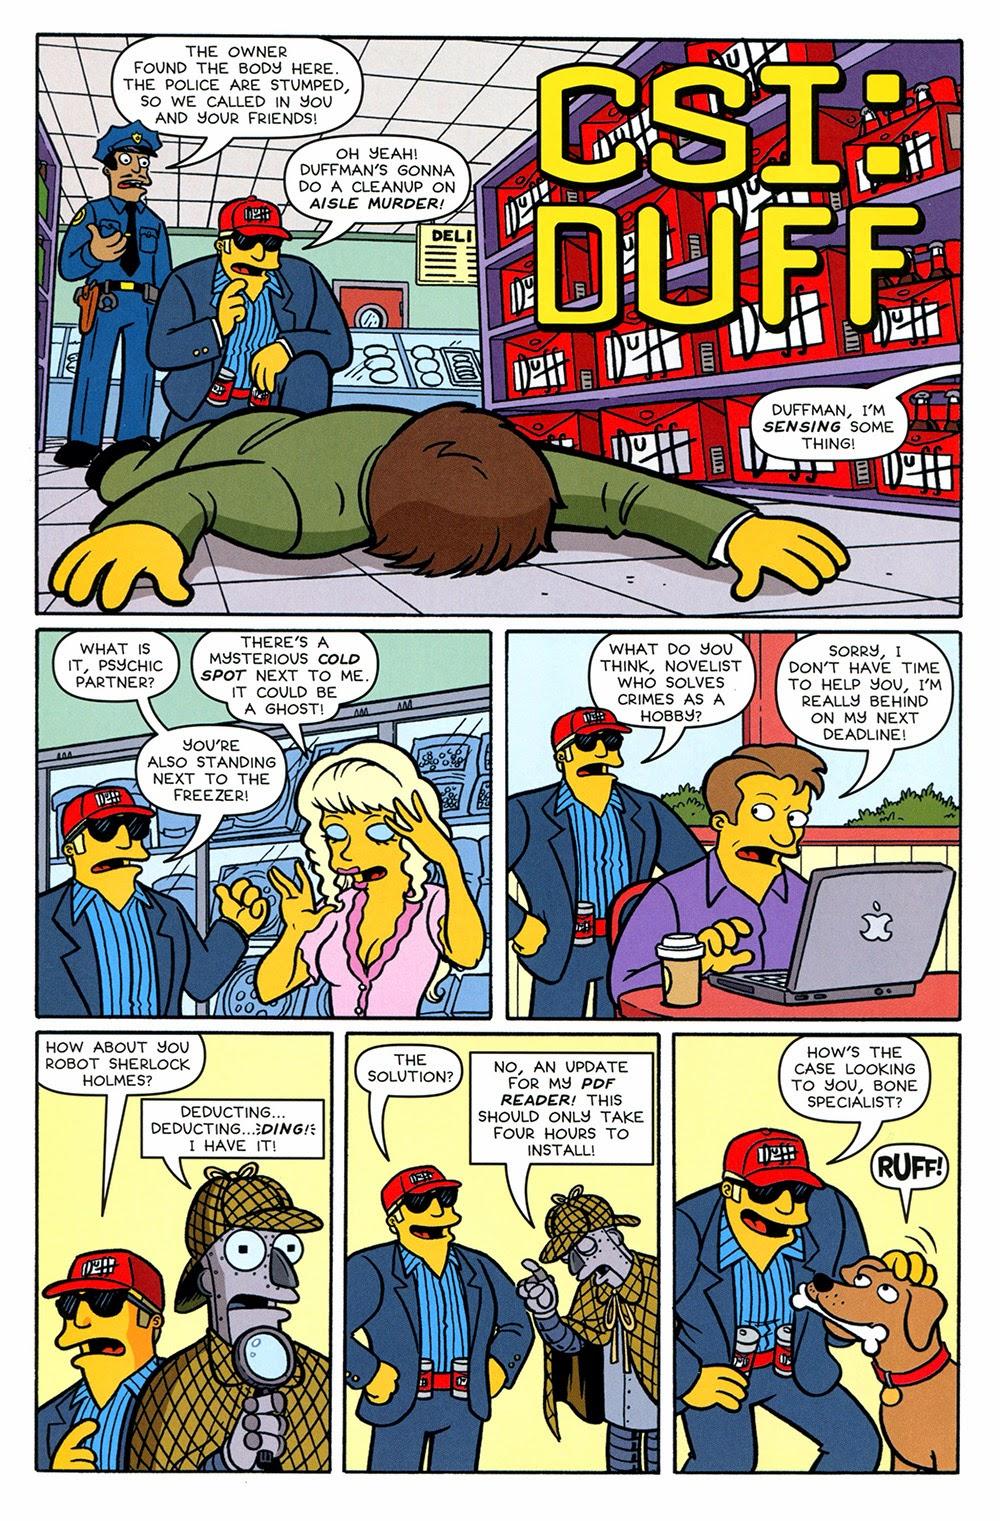 Simpsons One-Shot Wonders – Duffman 01 (2014) | Viewcomic reading